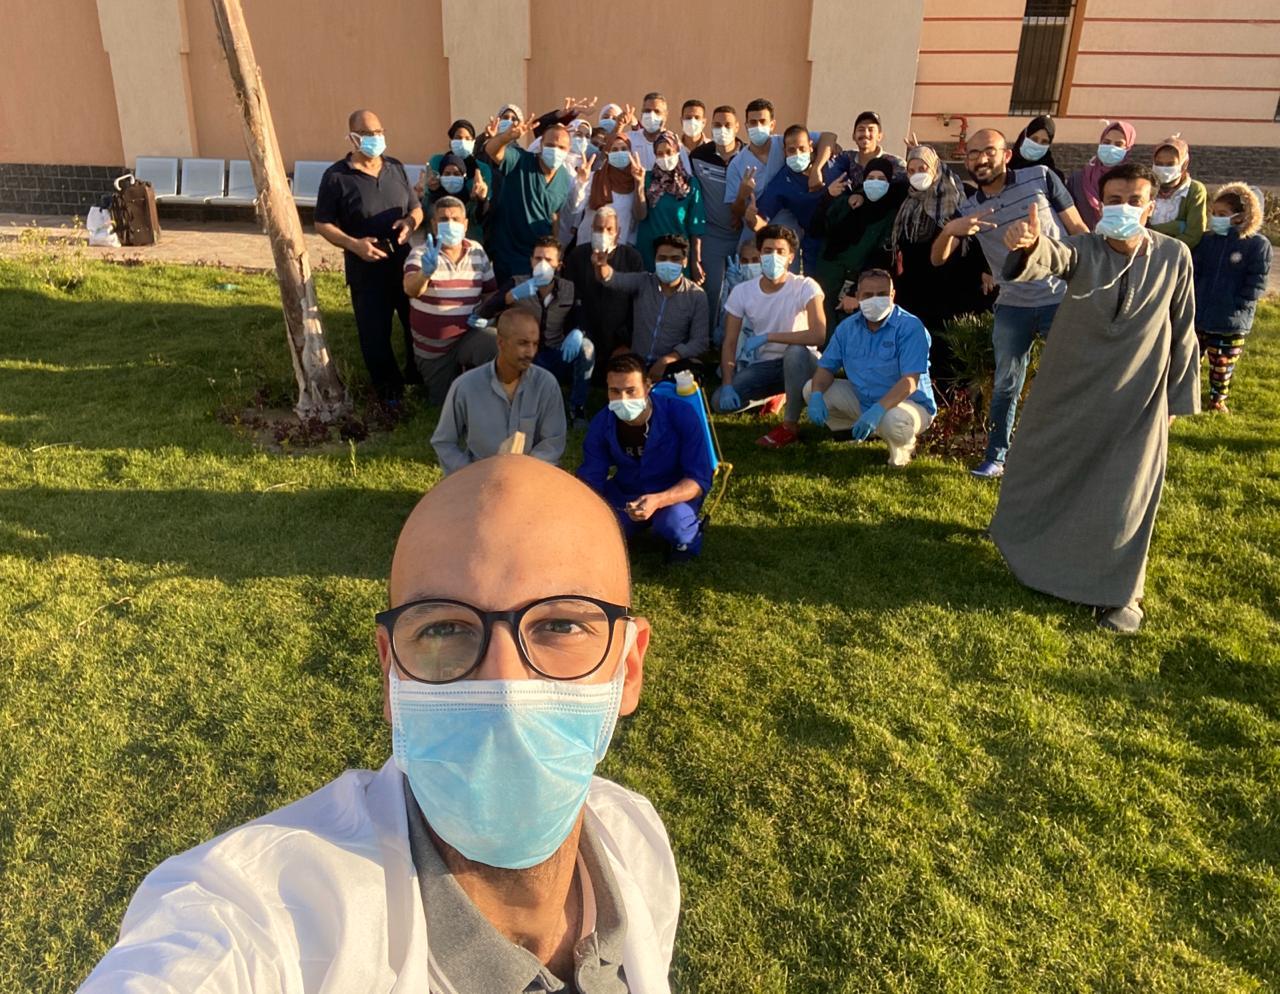 مستشفى عزل ملوي تحتفل بخروج 14 حالة بعد تعافيهم من فيروس كورونا (3)